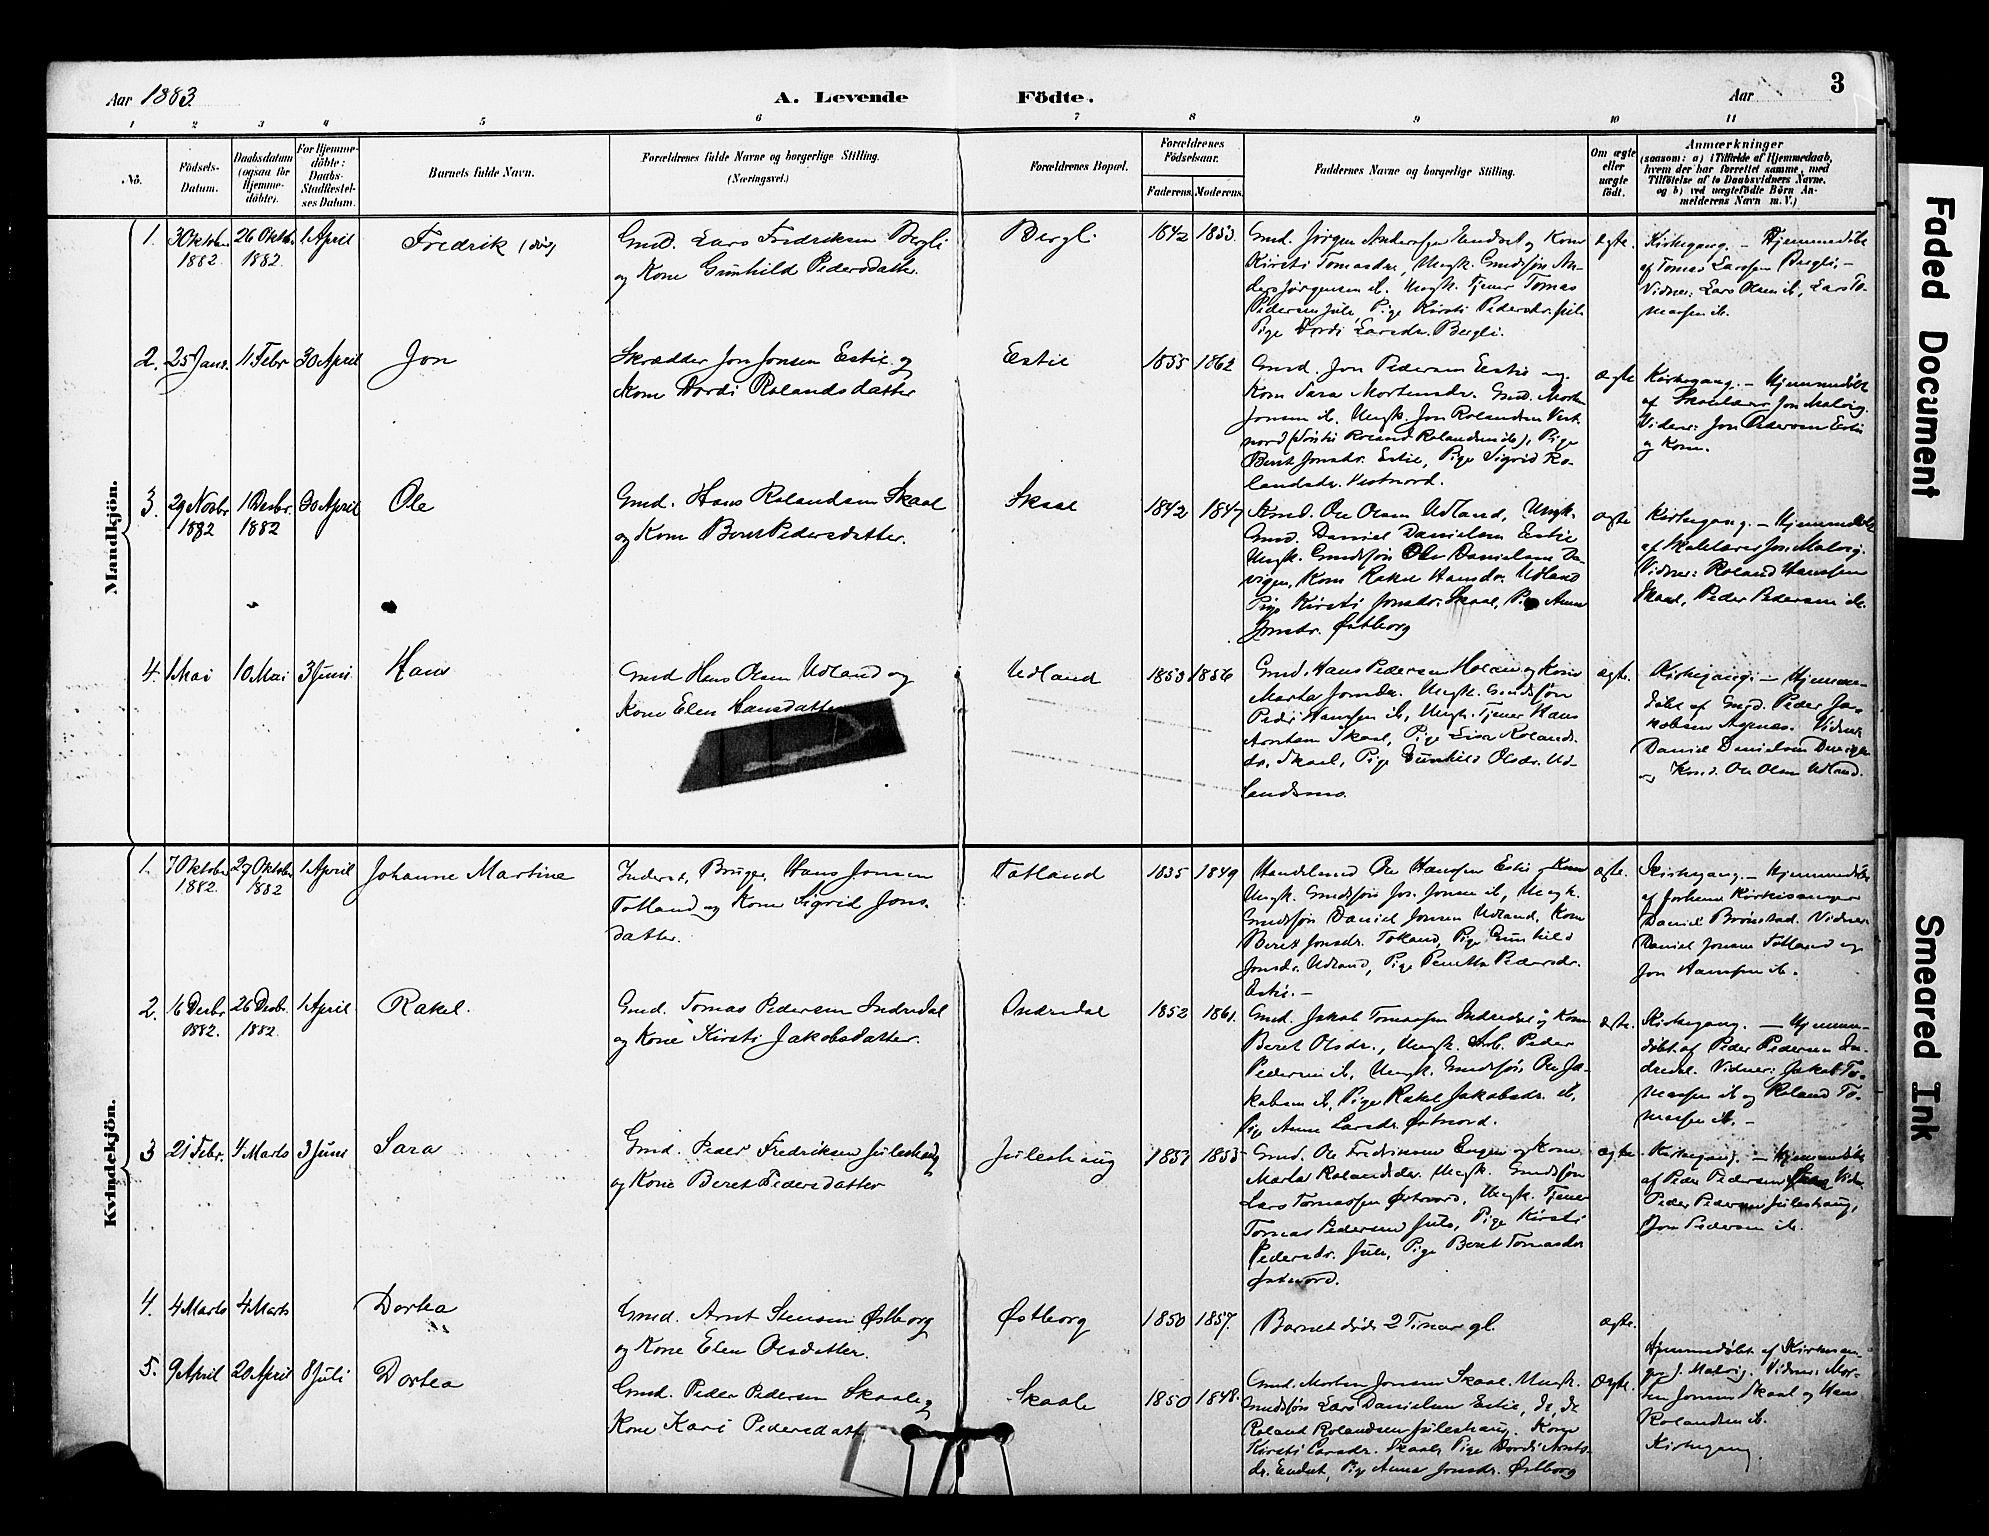 SAT, Ministerialprotokoller, klokkerbøker og fødselsregistre - Nord-Trøndelag, 757/L0505: Ministerialbok nr. 757A01, 1882-1904, s. 3